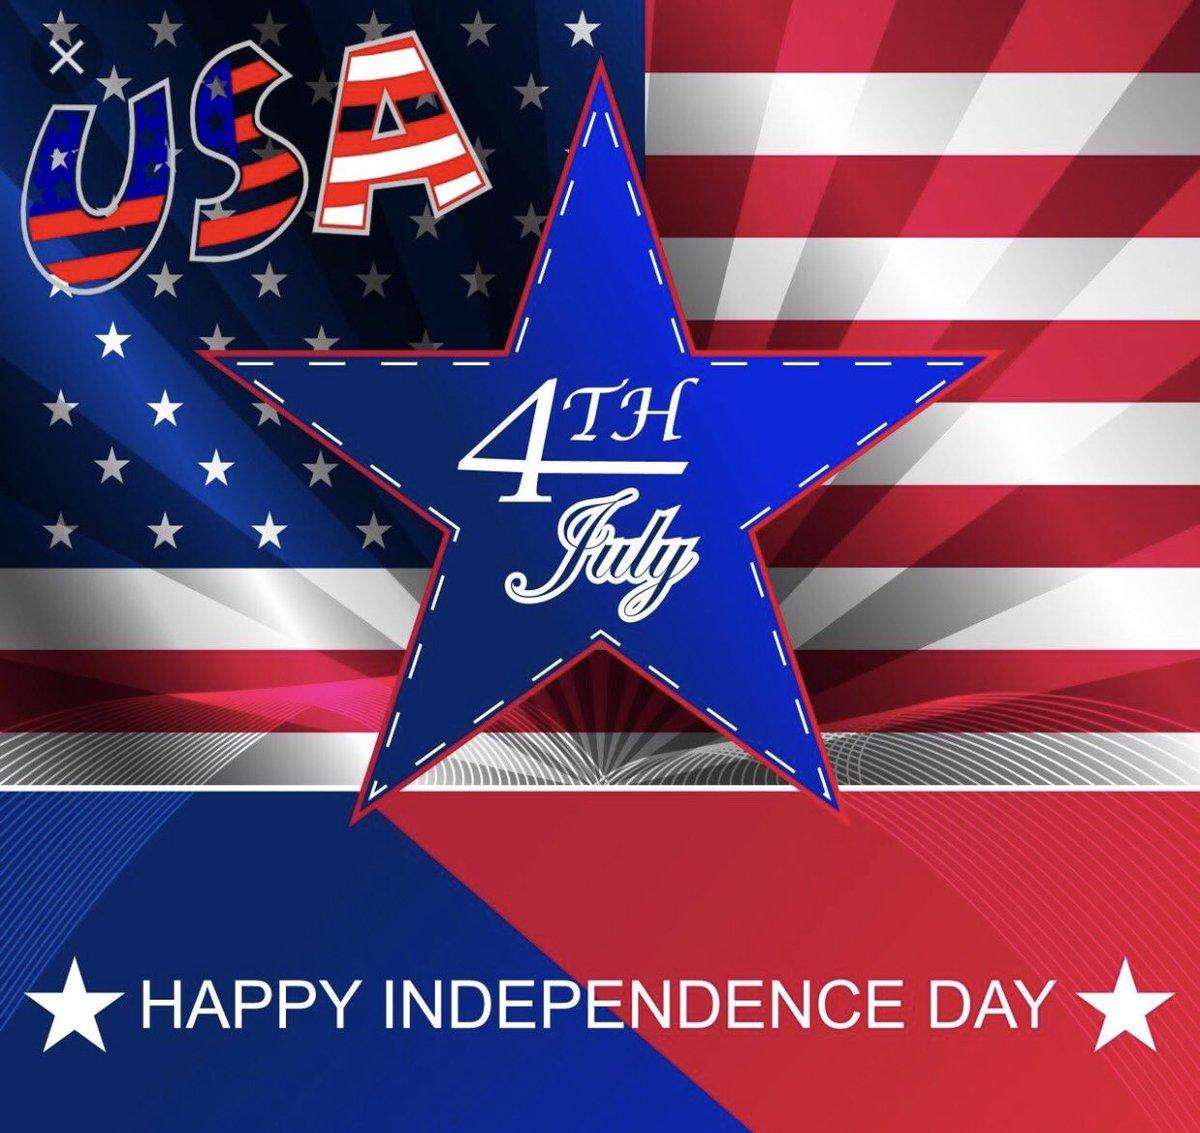 день независимости открытки на английскому акцентируют внимание